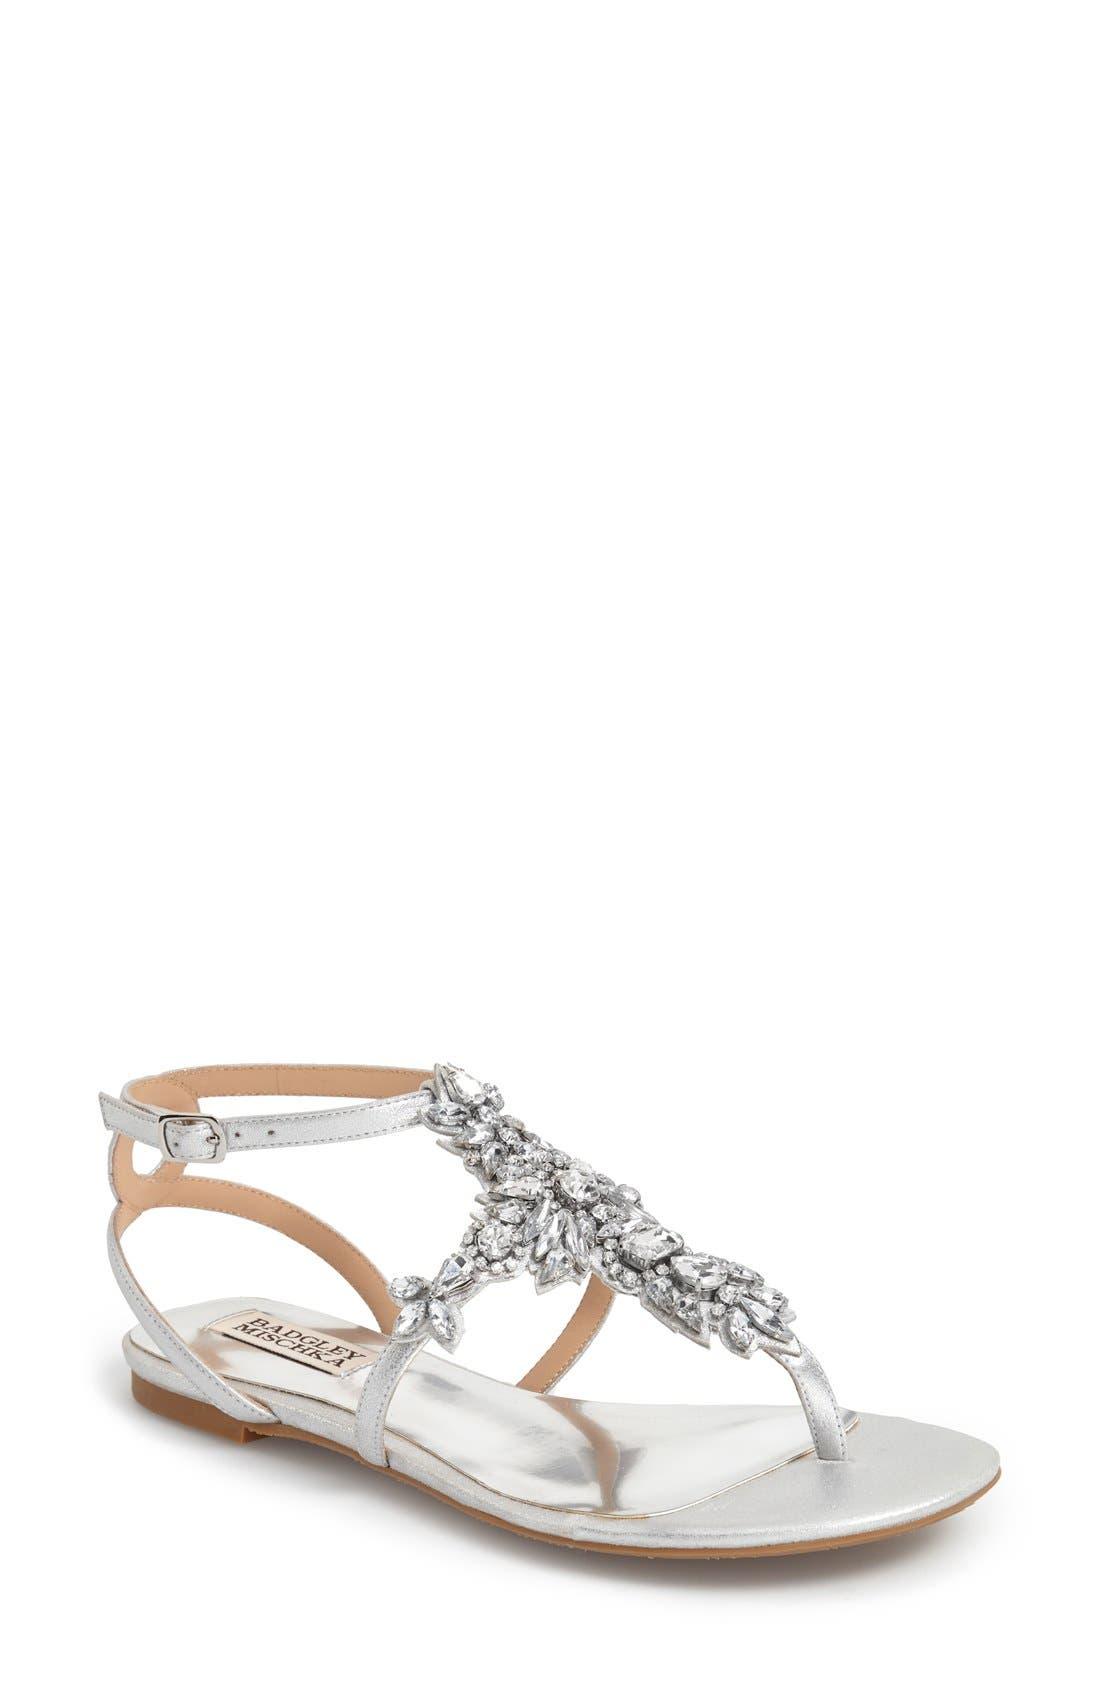 'Cara' Crystal Embellished Flat Sandal,                             Main thumbnail 1, color,                             Silver